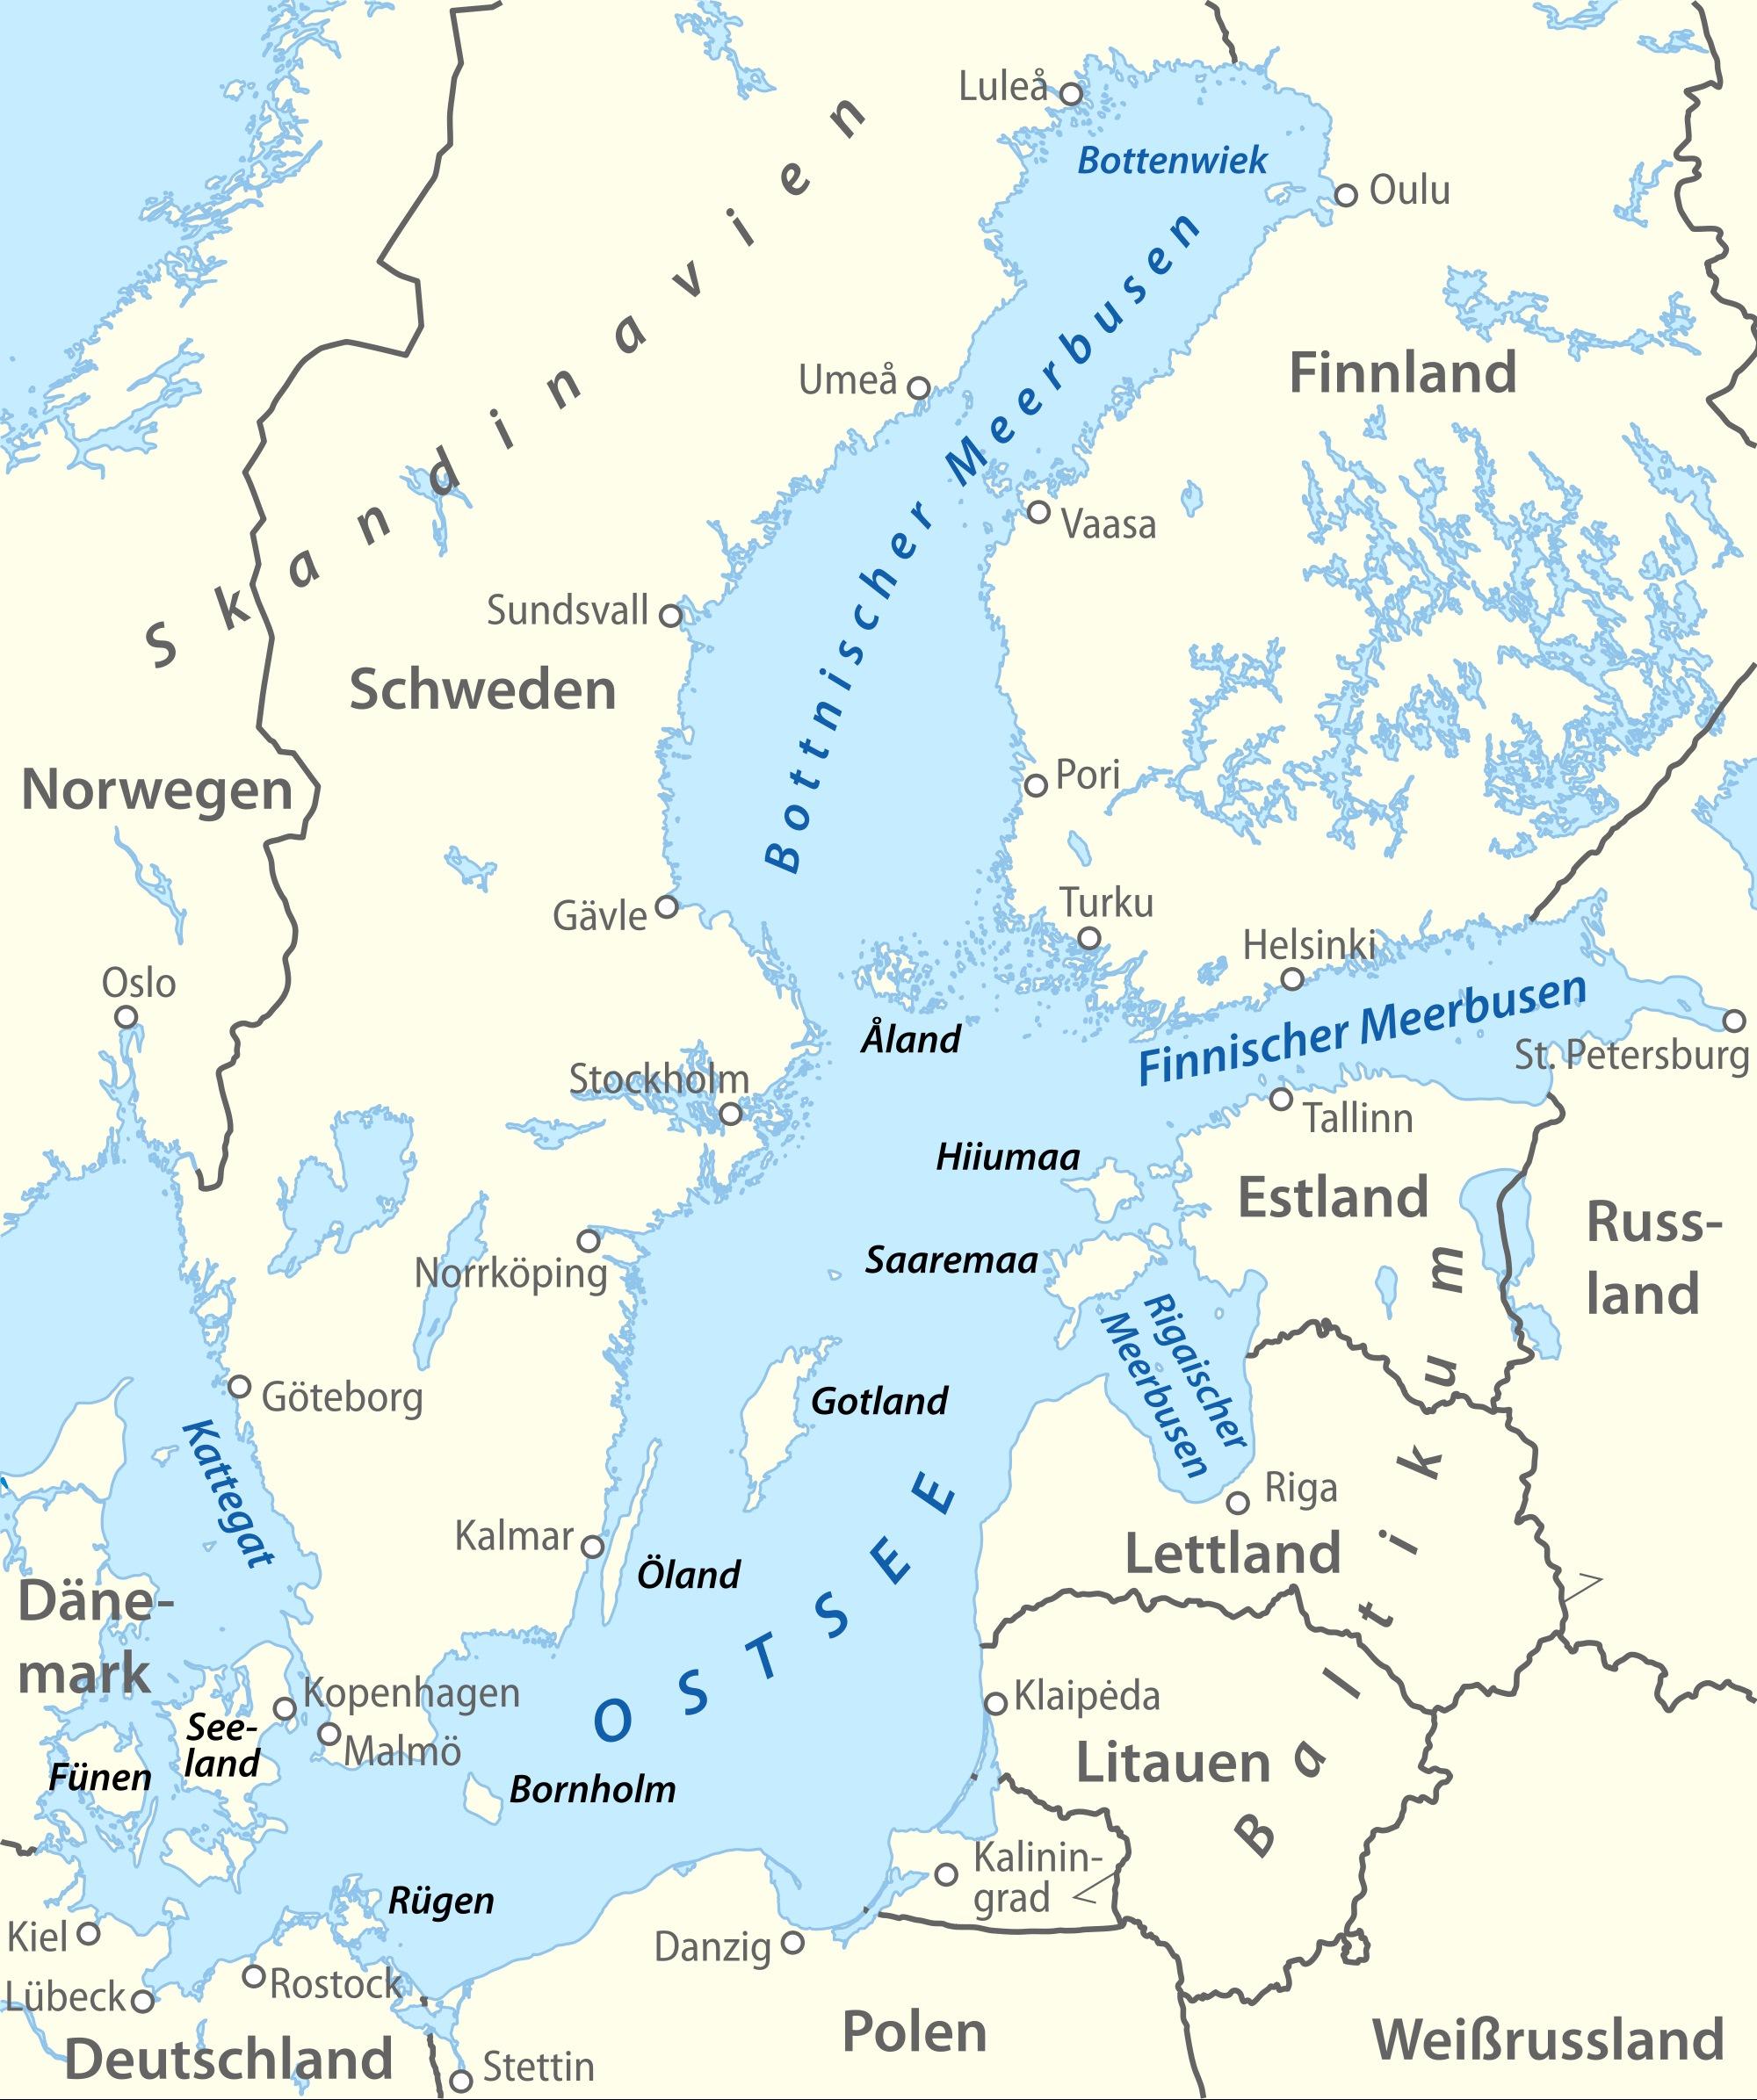 Karte Ostseeküste Polen.Online Hafenhandbuch Deutschland Die Ostsee übersicht Und